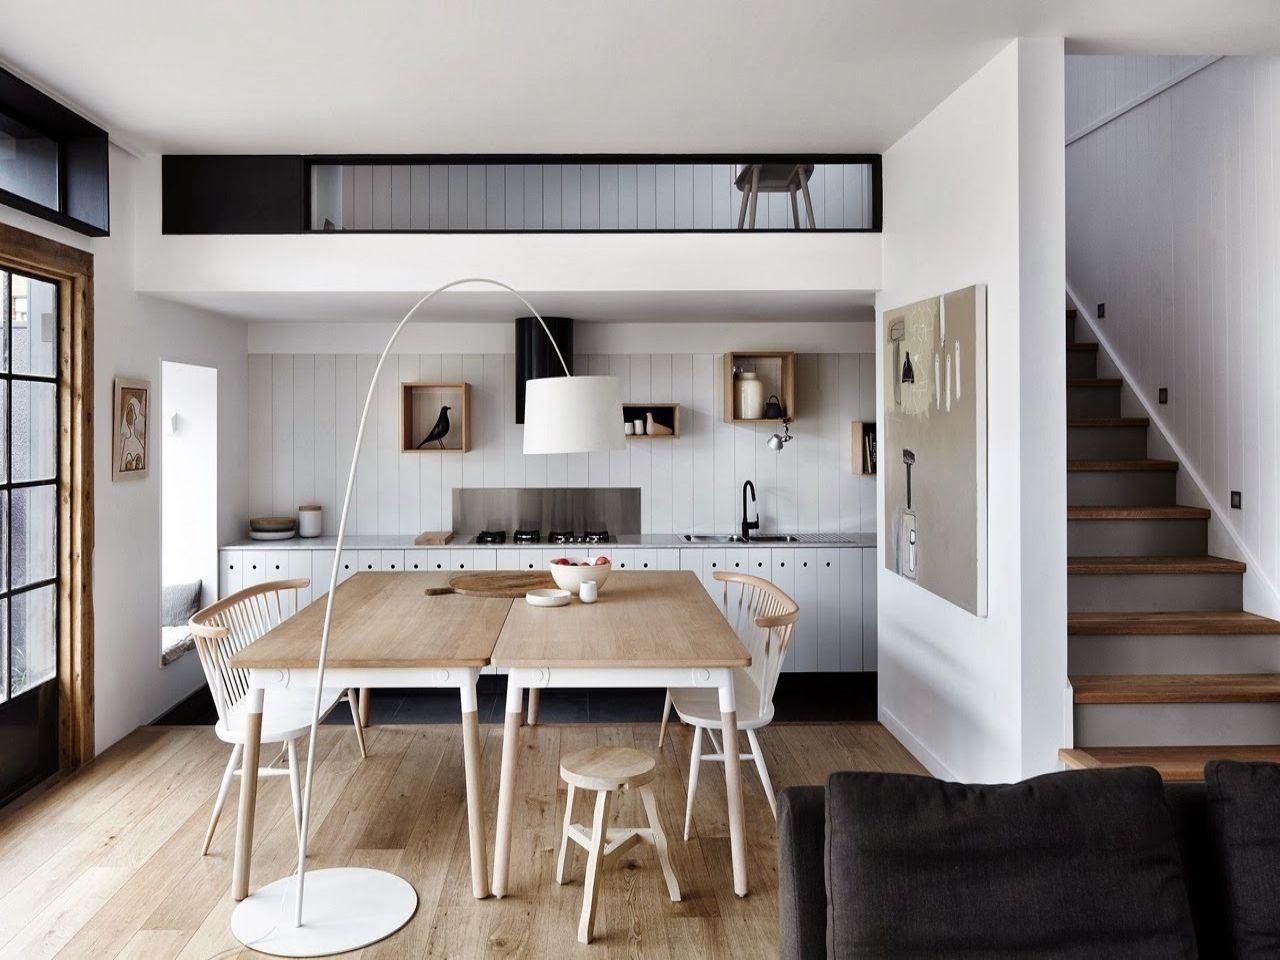 Innenarchitektur wohnzimmerfarbe pin von minimalist maker auf elegant kitchen  pinterest  haus